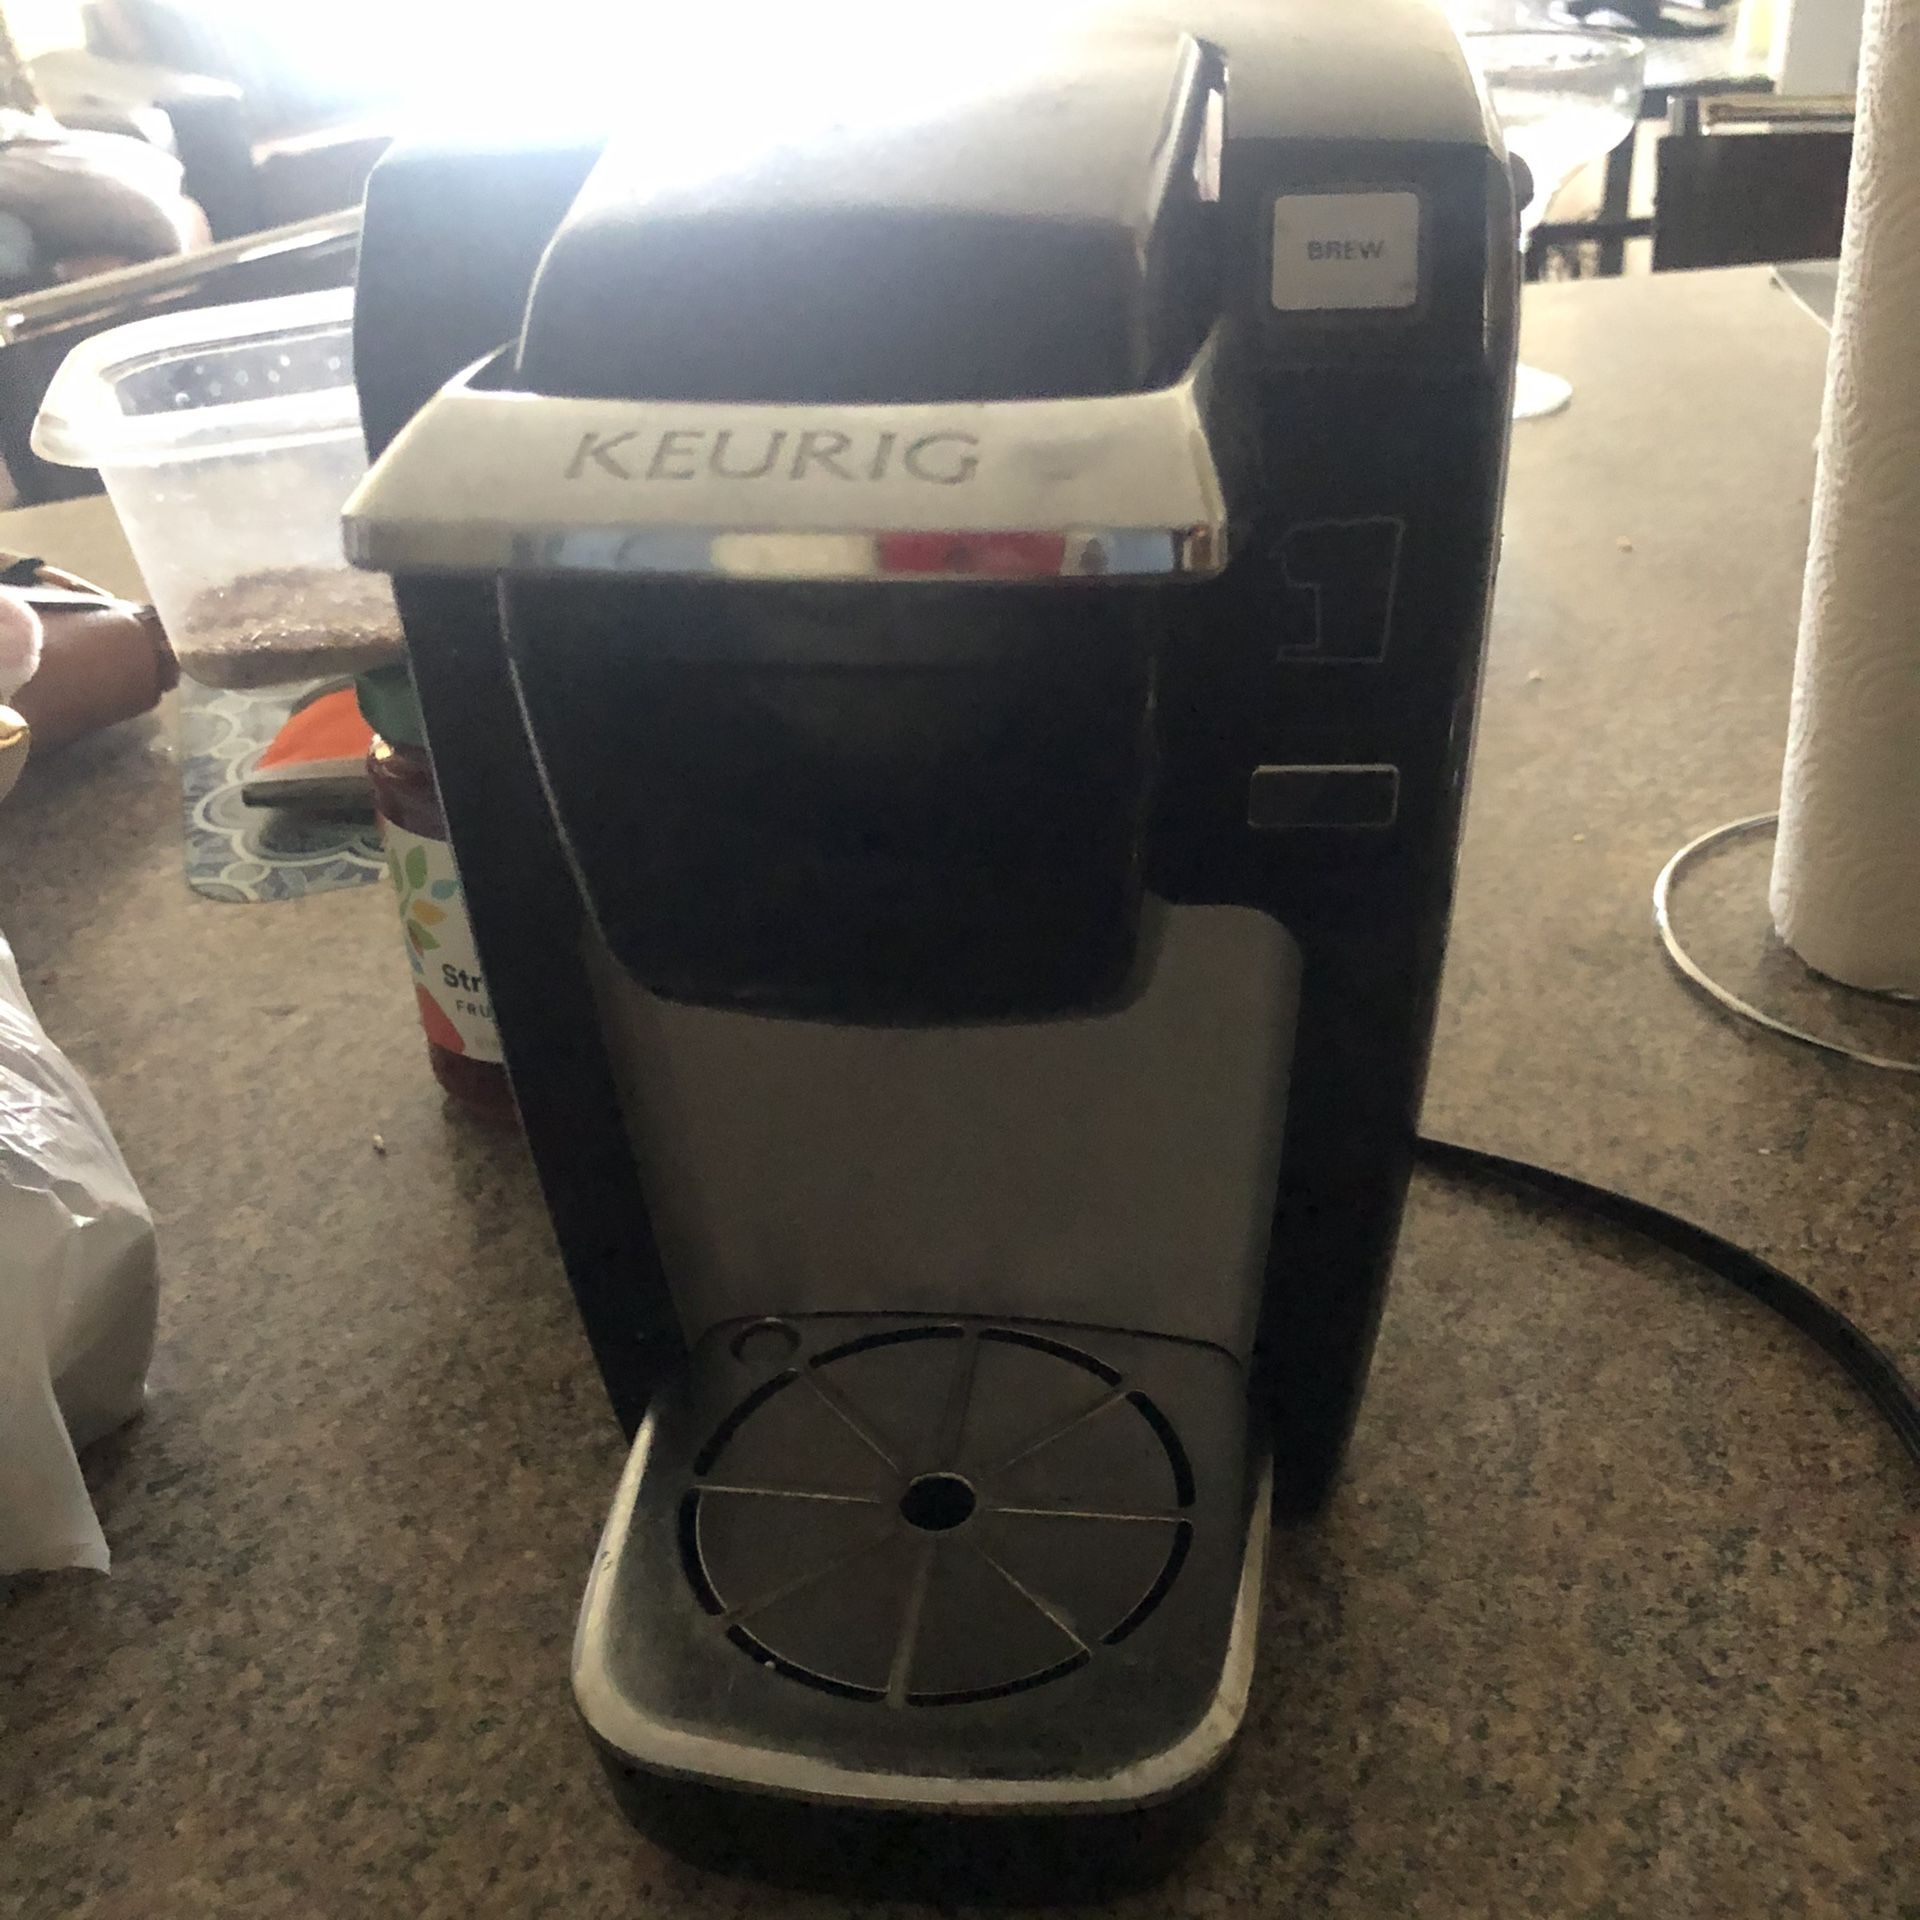 Kurieg and coffee cup holder